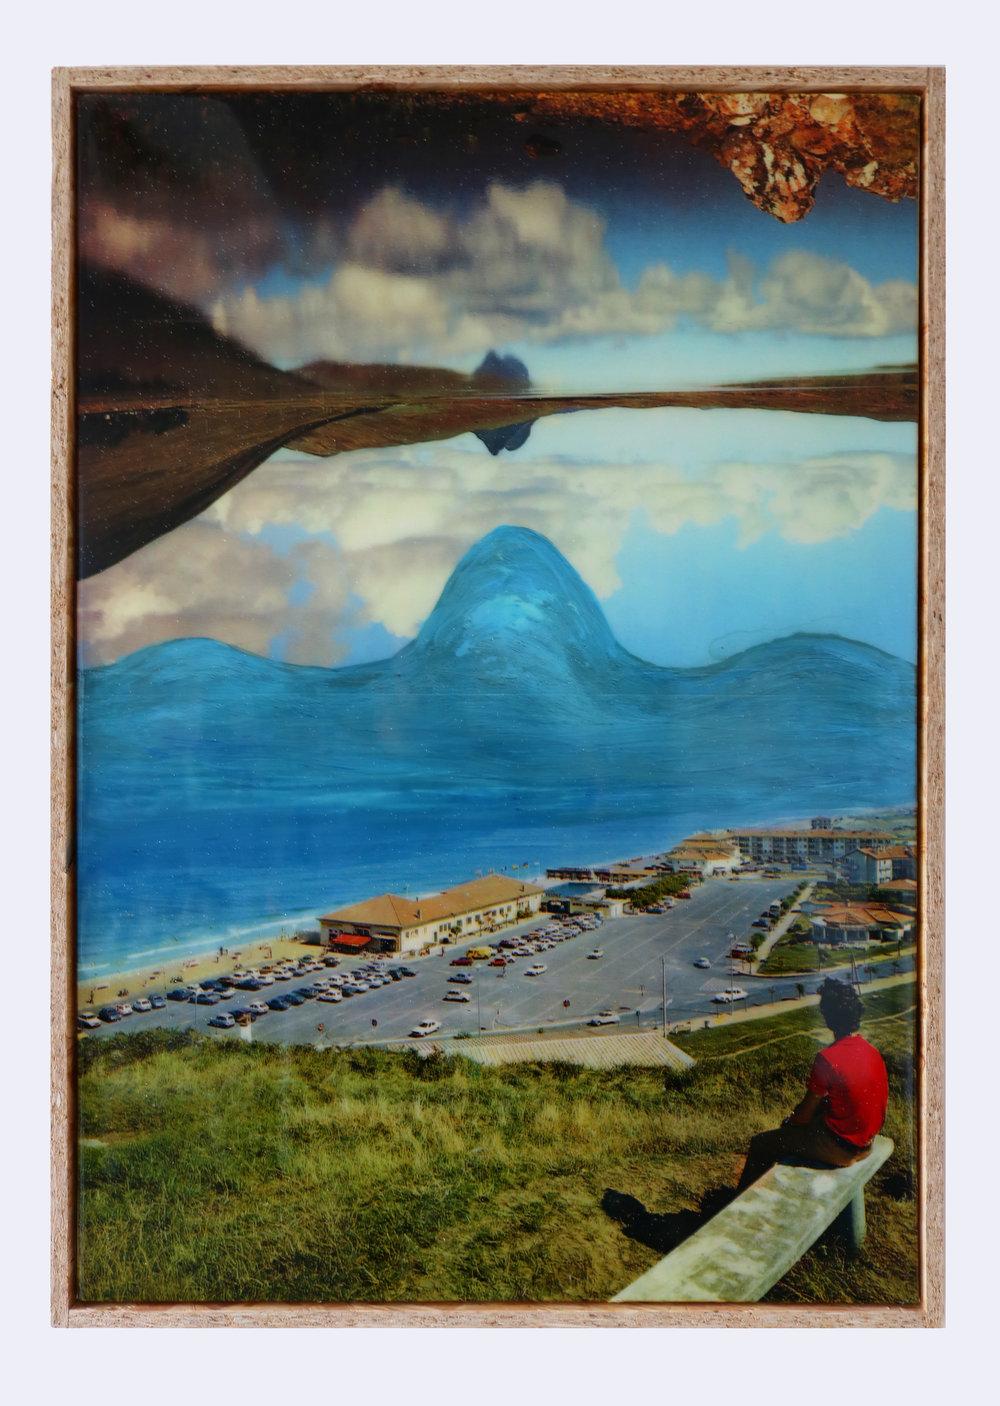 Pierre Ardouvin  L'inquiétude des jours heureux 12 , 2017 print on canvas, resin, glitter 37 25/32 x 26 25/32 x 1 25/32 in (96 x 68 x 4,5 cm)